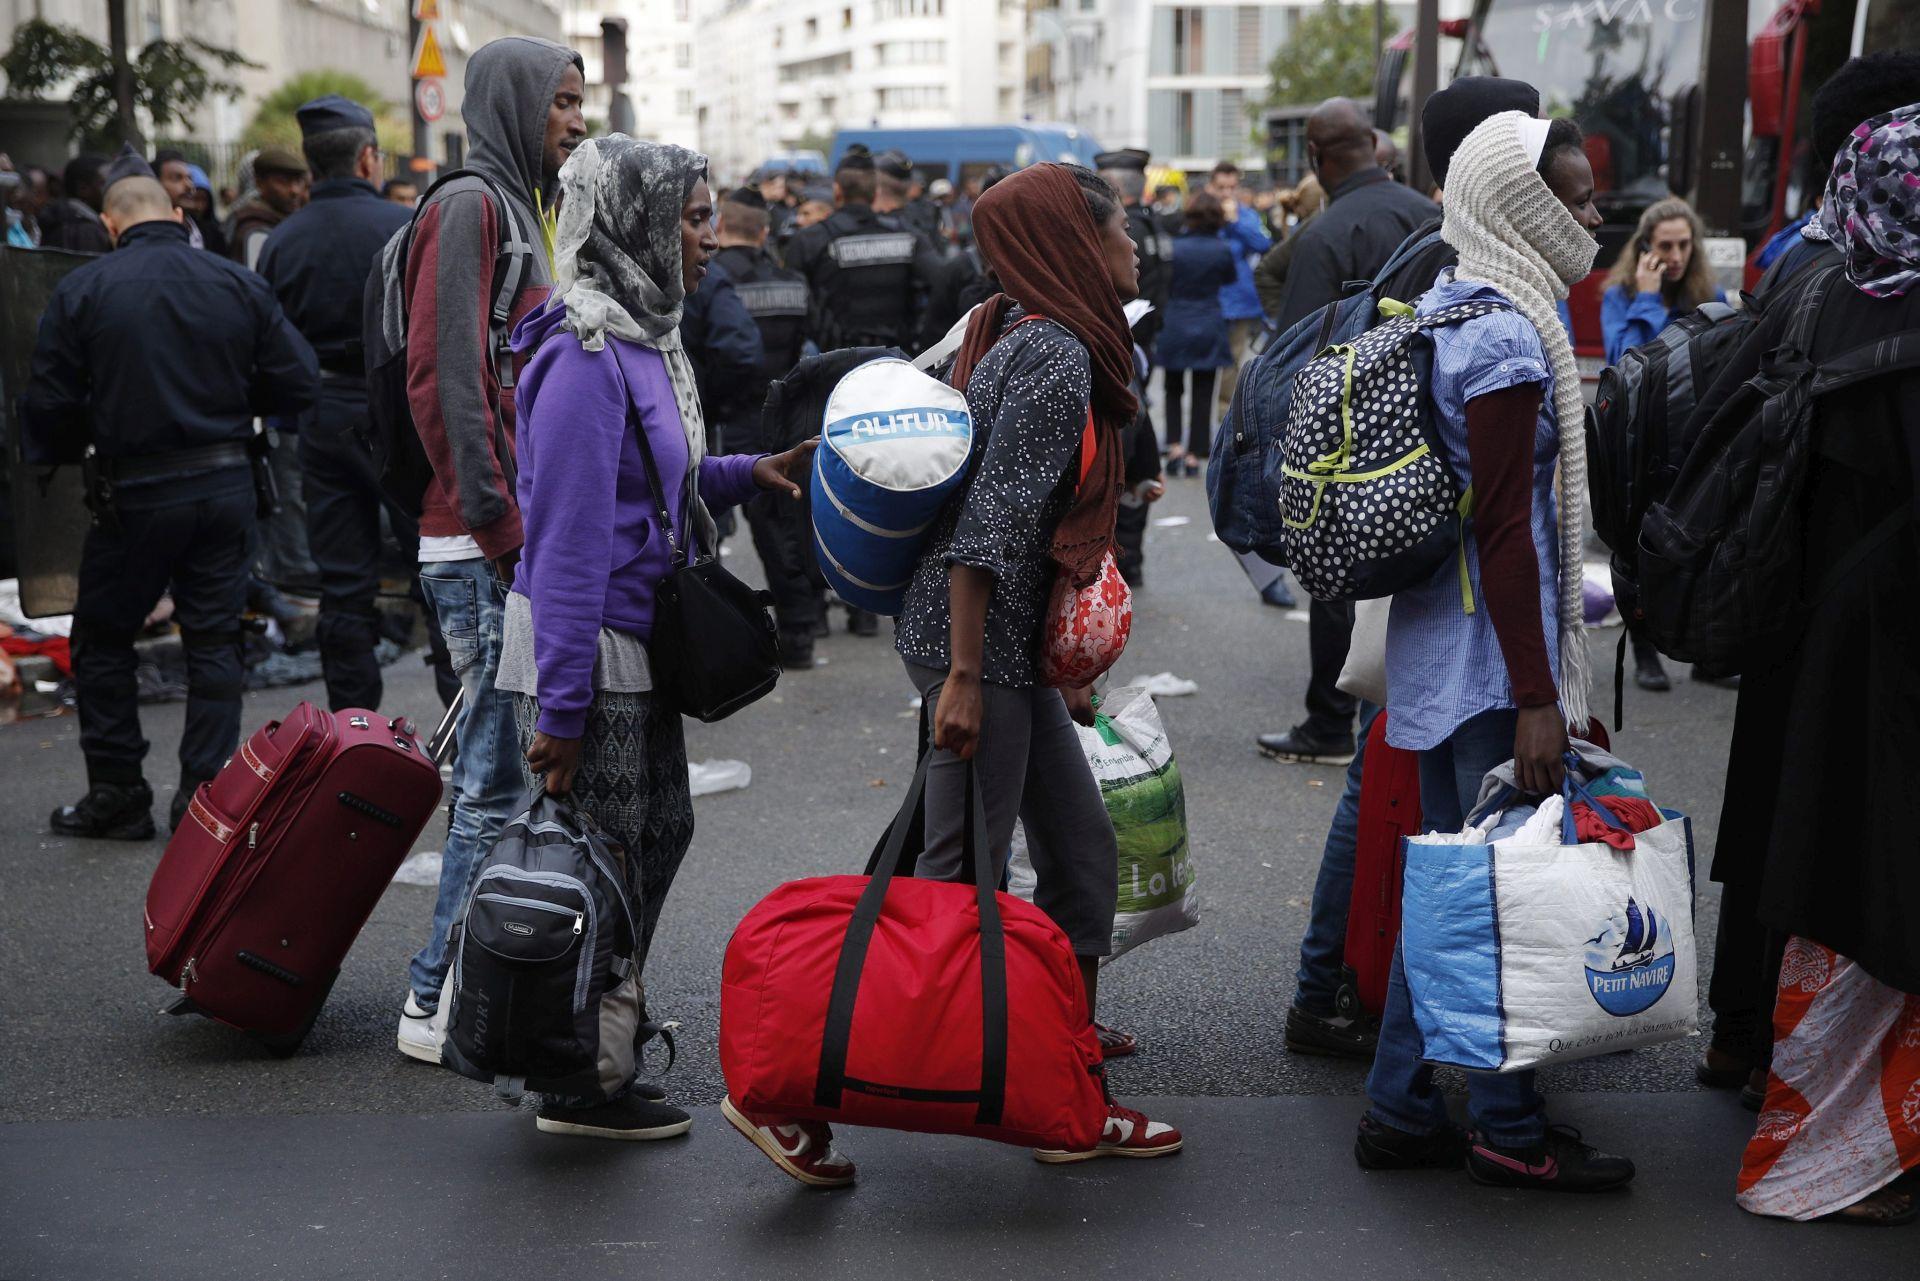 POJAČAN NADZOR: Počela gradnja zida nedaleko izbjegličkog kampa u Calaisu